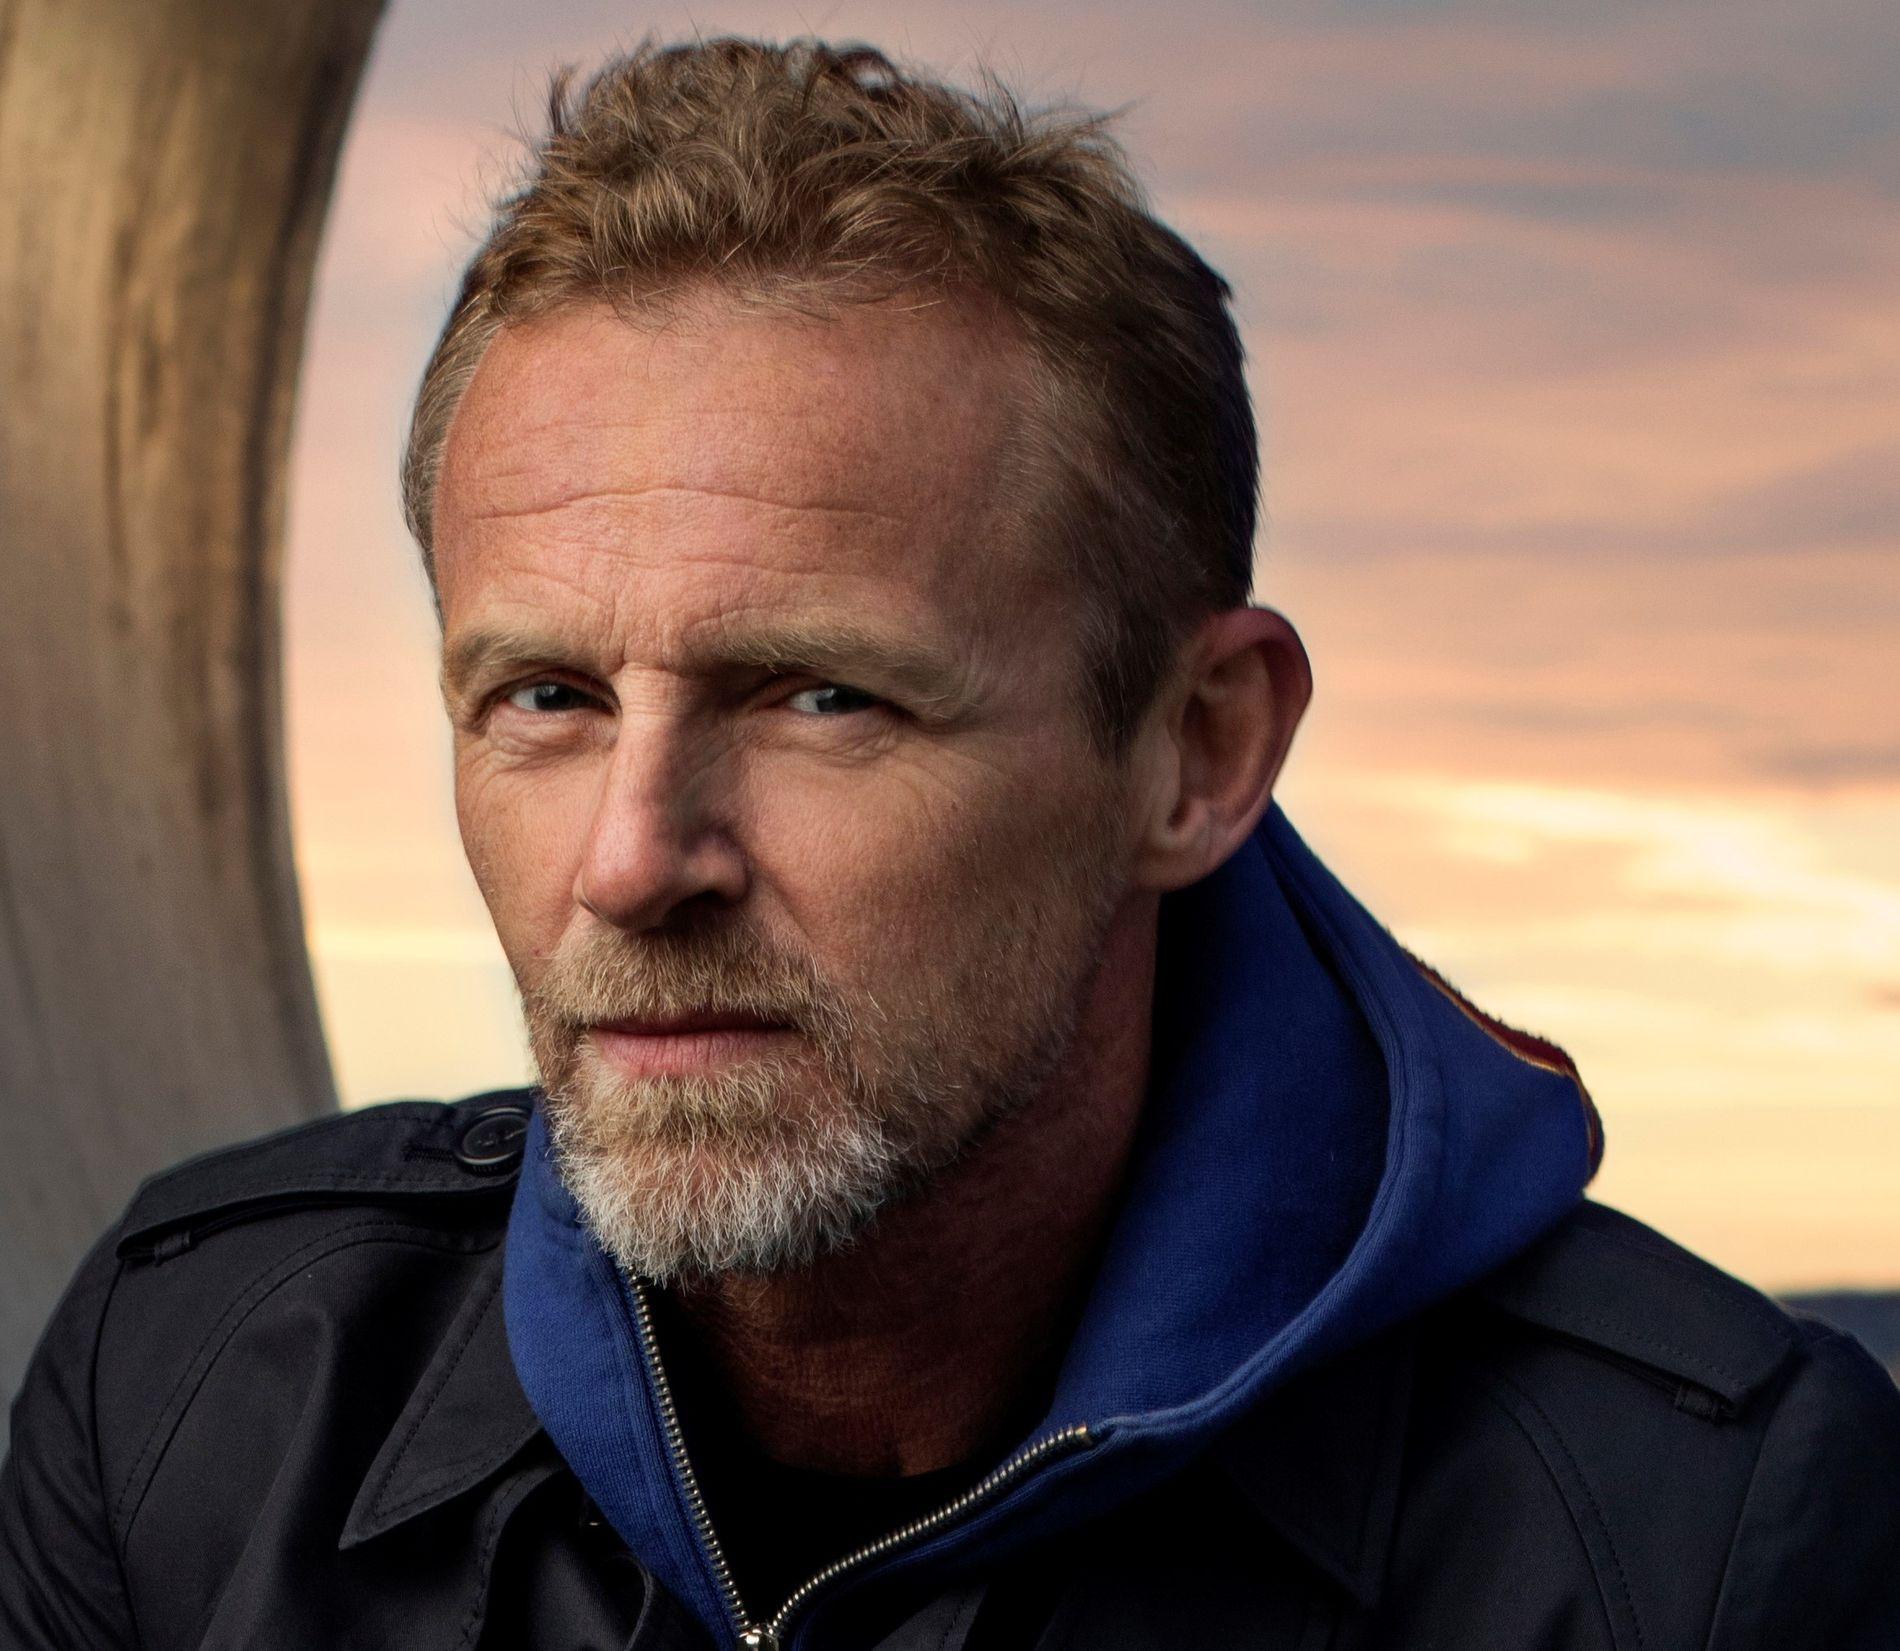 OPPLADET: Jo Nesbø (56) er akkurat tilbake i Oslo etter et lengre skrive- og klatreopphold i Thailand. 21. mars lanserer han den 11. Harry Hole-boken - som trykkes i tidenes største førsteopplag i Norge.